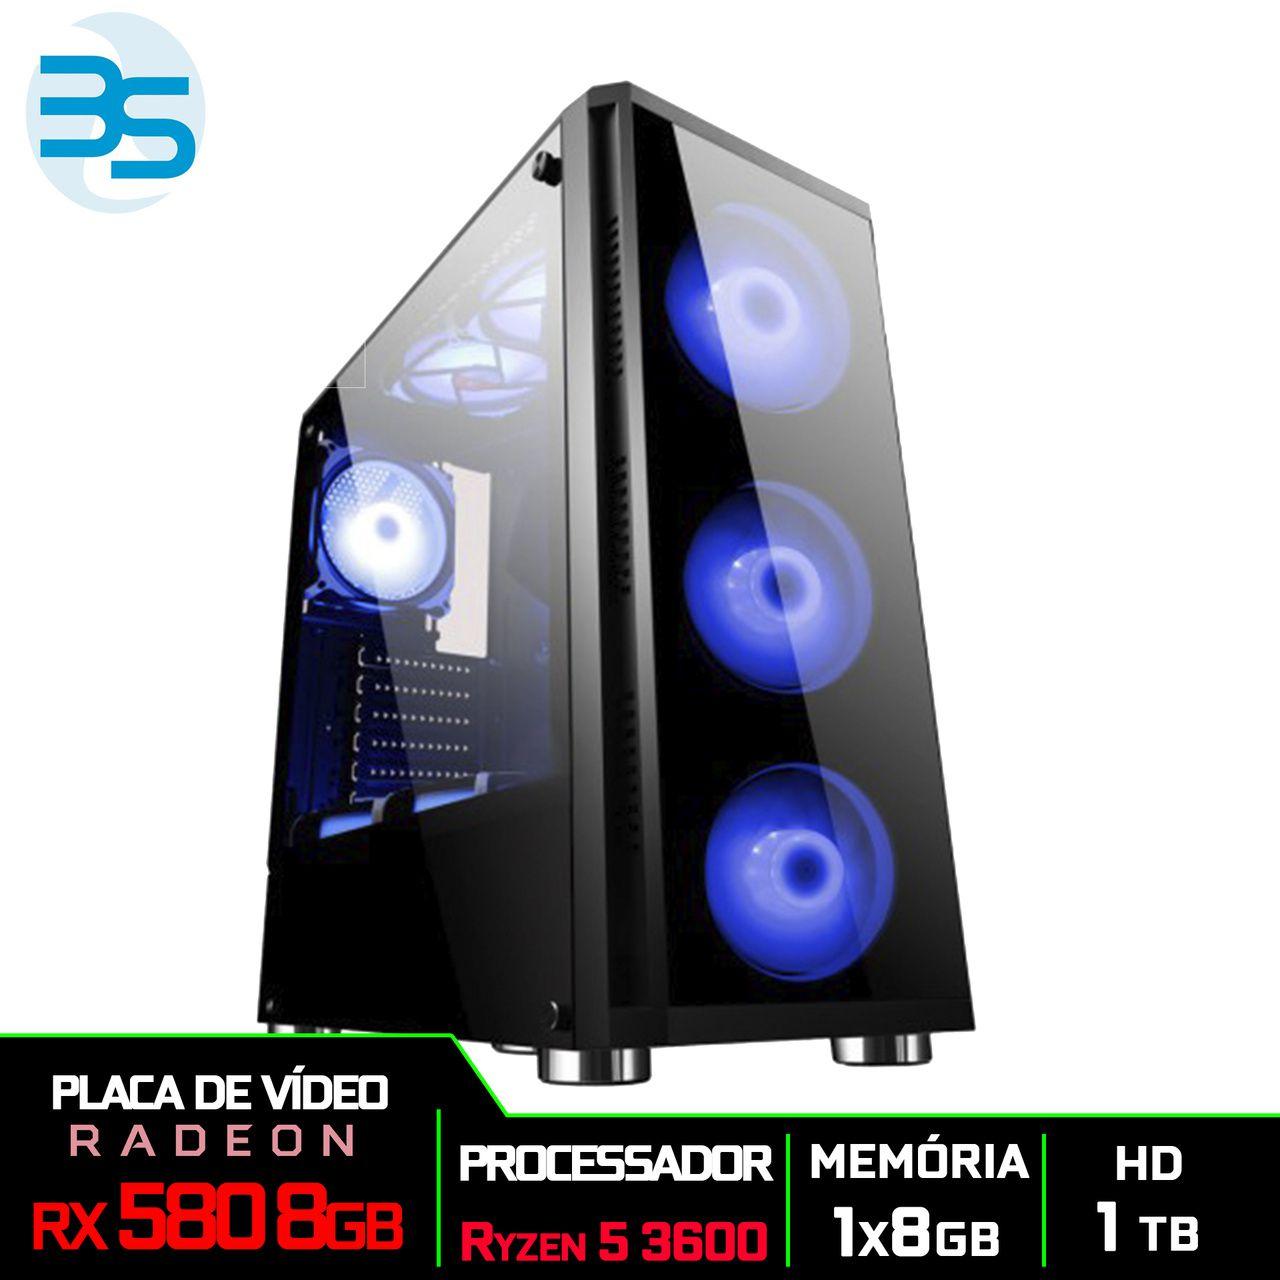 Computador Gamer AMD Ryzen 5 3600, HD 1TB, 8GB DDR4, 500W, RX 580 8GB